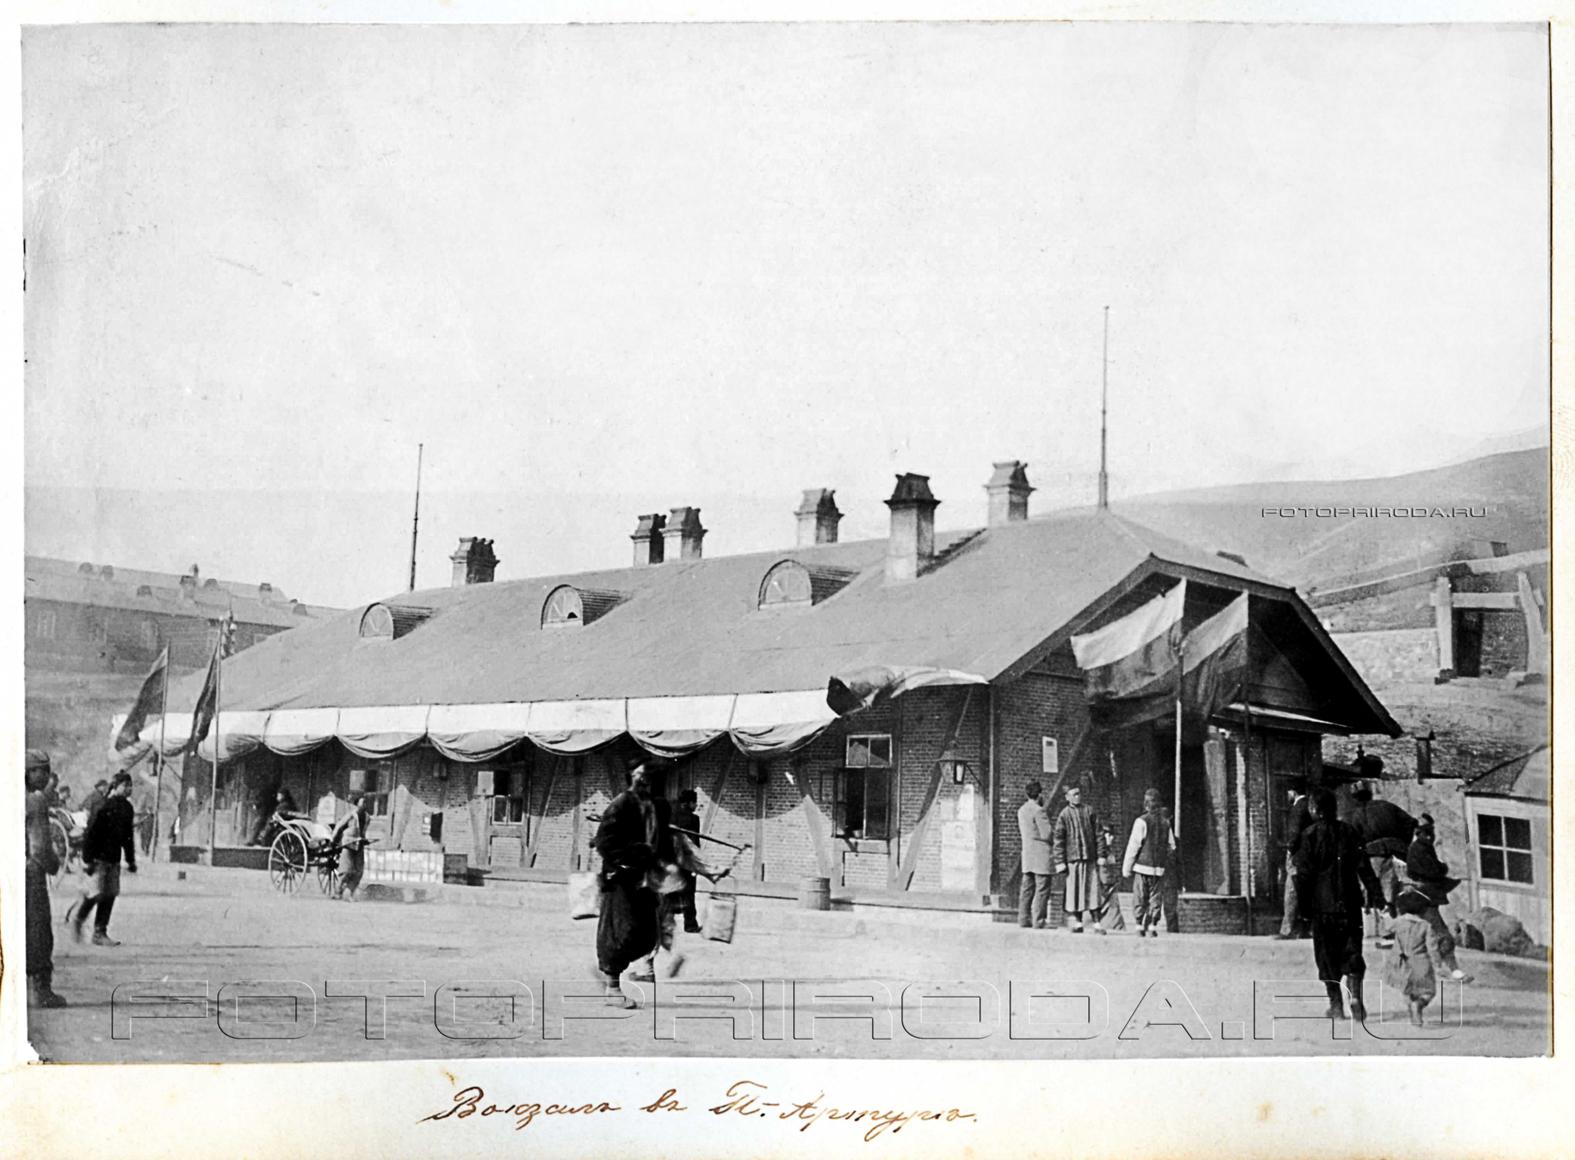 Железнодорожный вокзал Люшунь